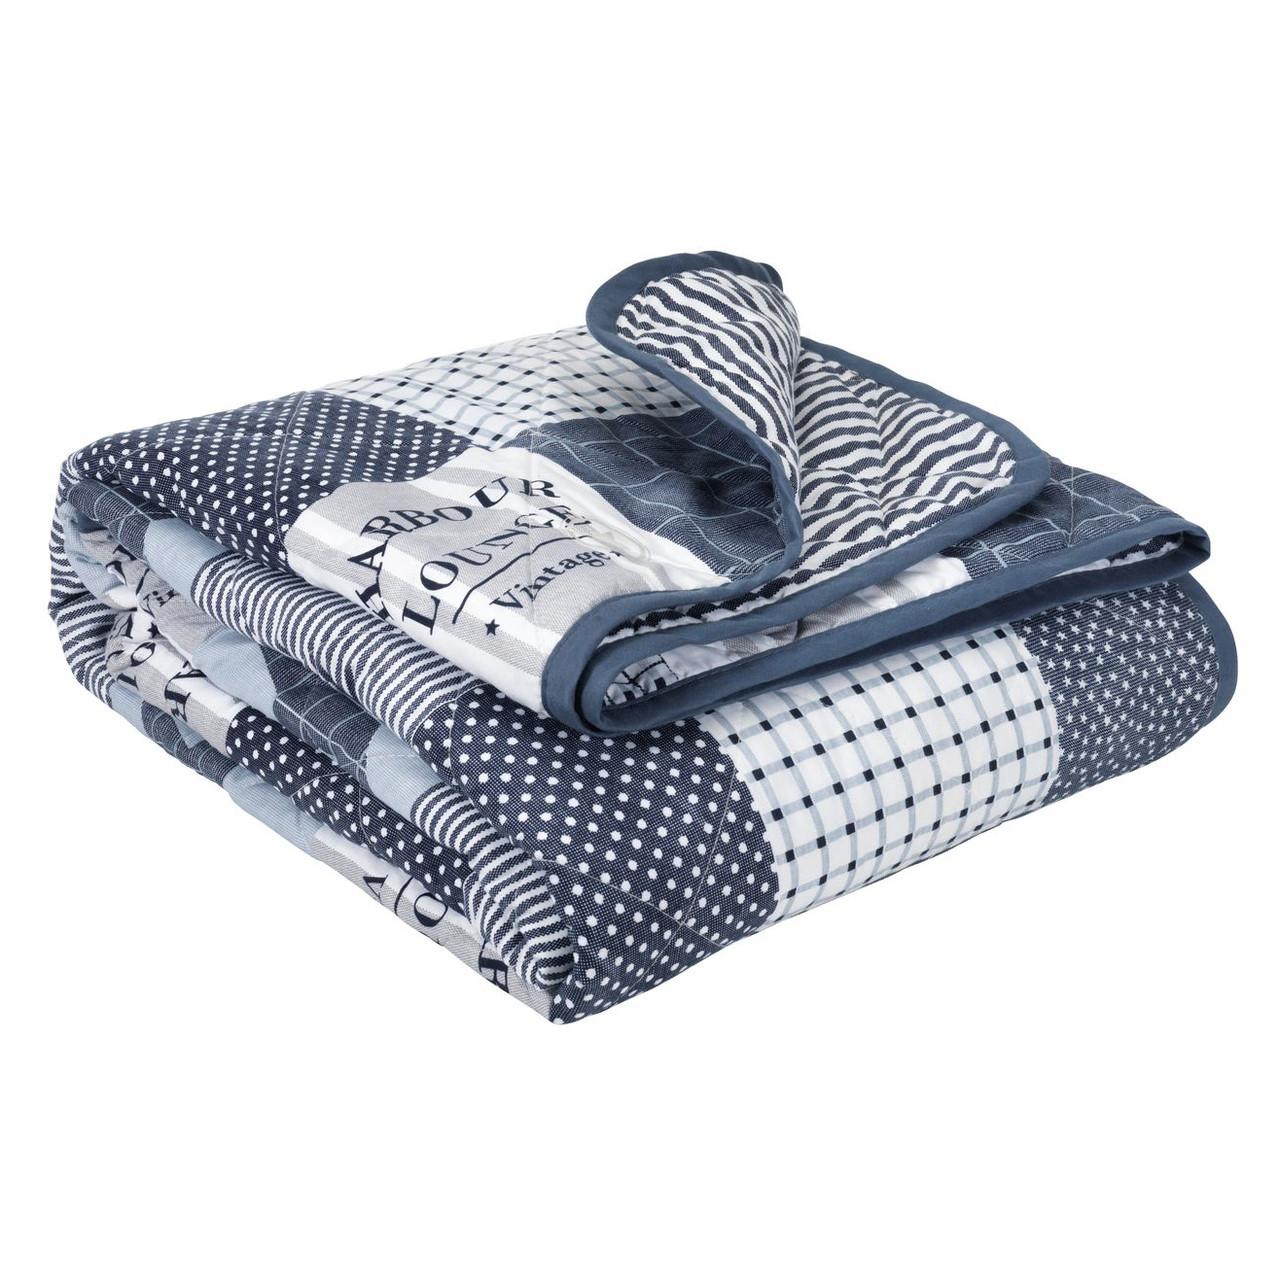 Одеяло SOLBLOM